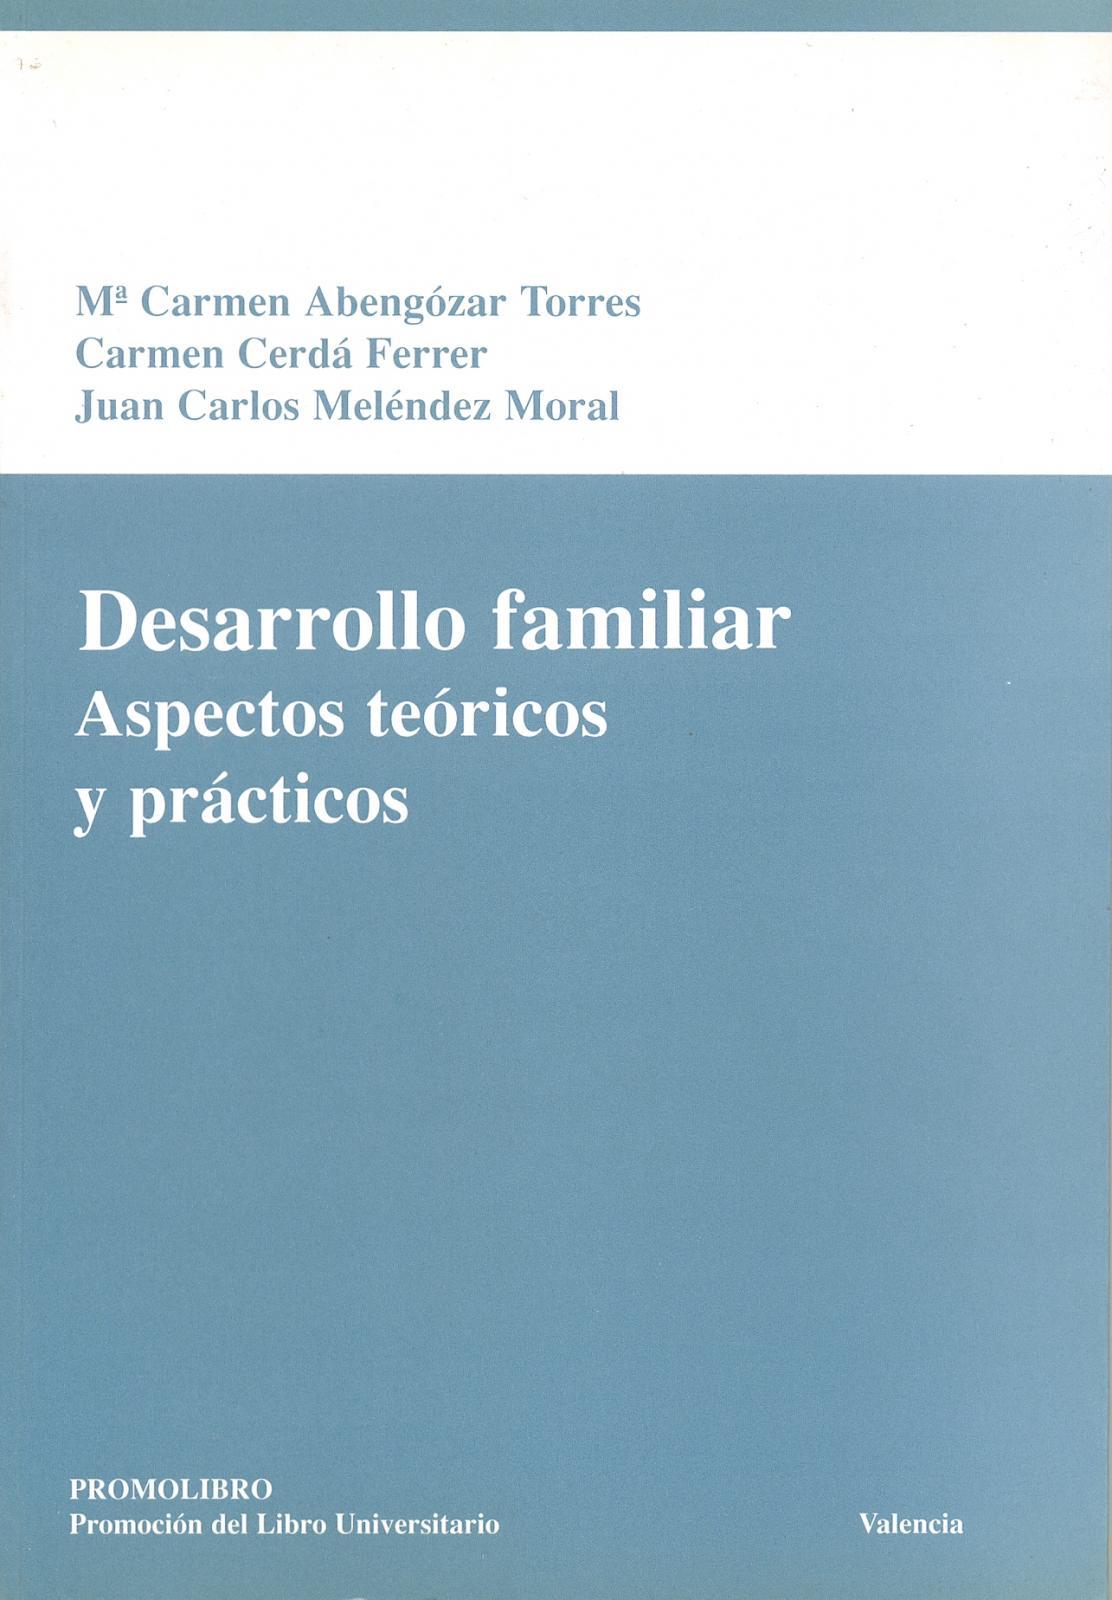 DESARROLLO FAMILIAR. ASPECTOS TEÓRICOS Y PRÁCTICOS